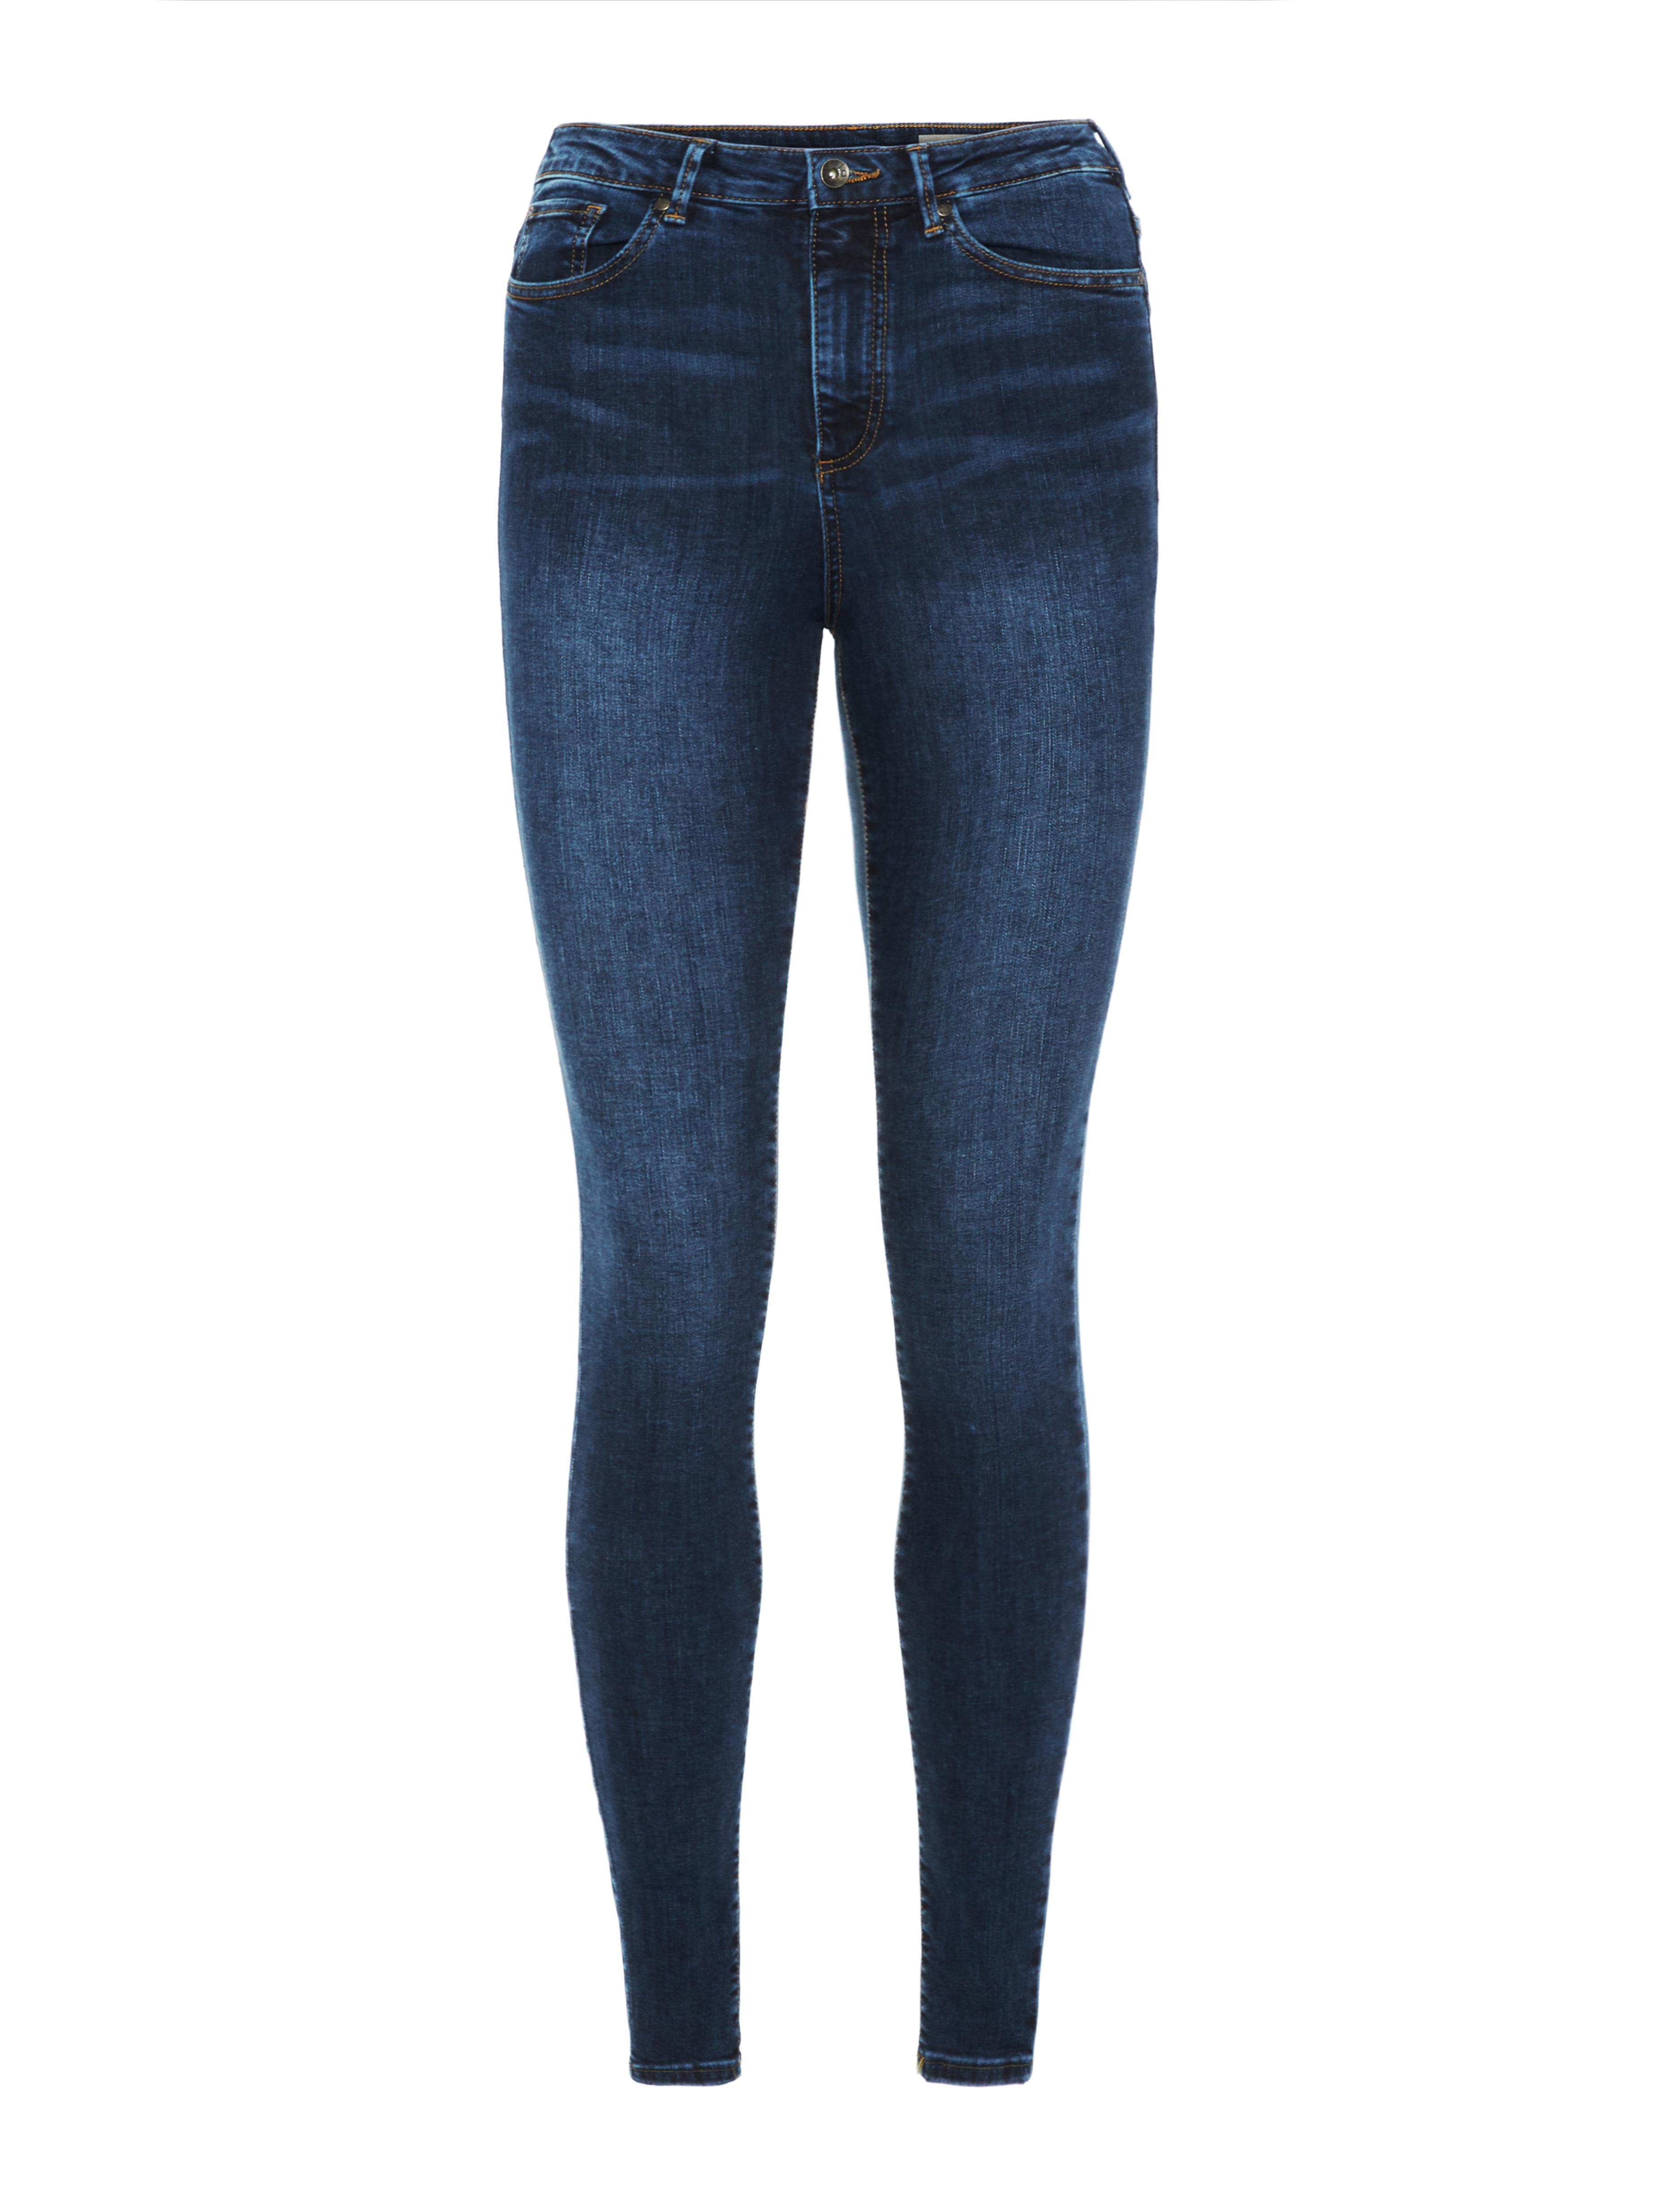 Vero Moda Sophia højtaljede bukser skinny fit, blue, large/30